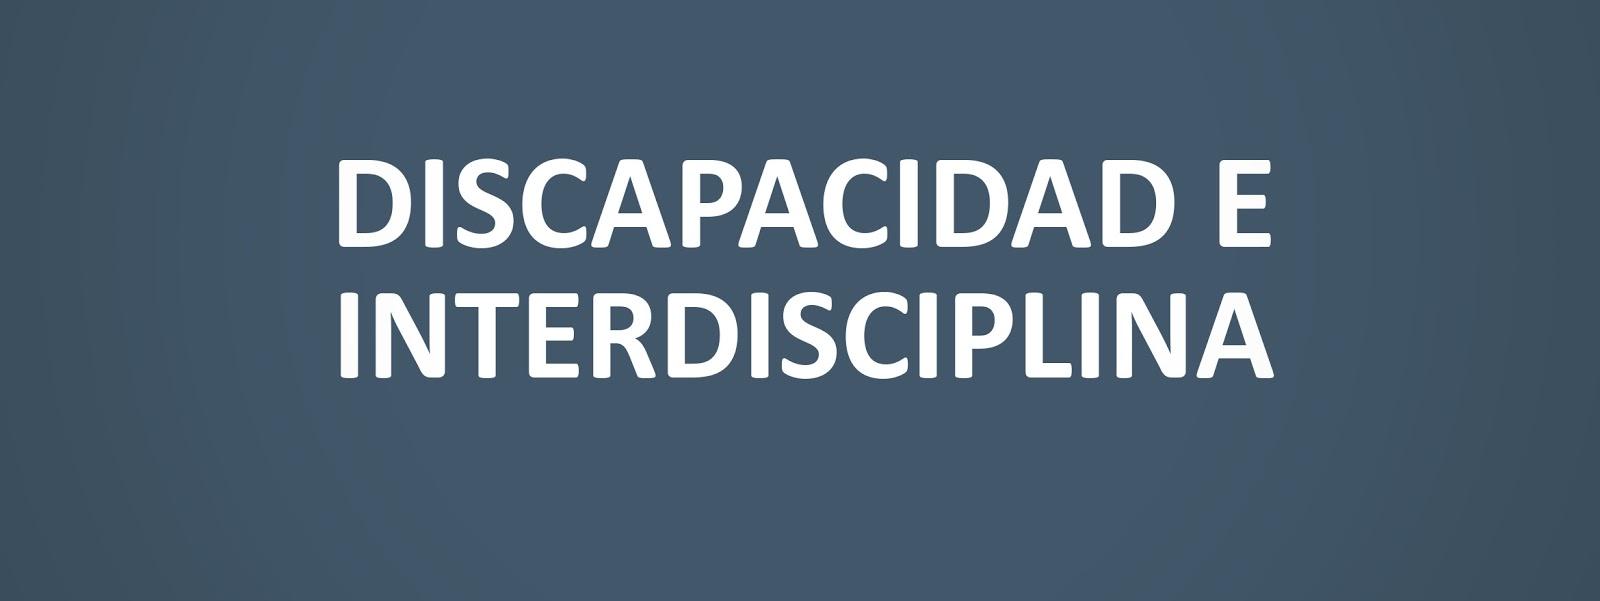 Curso discapacidad e interdisciplina